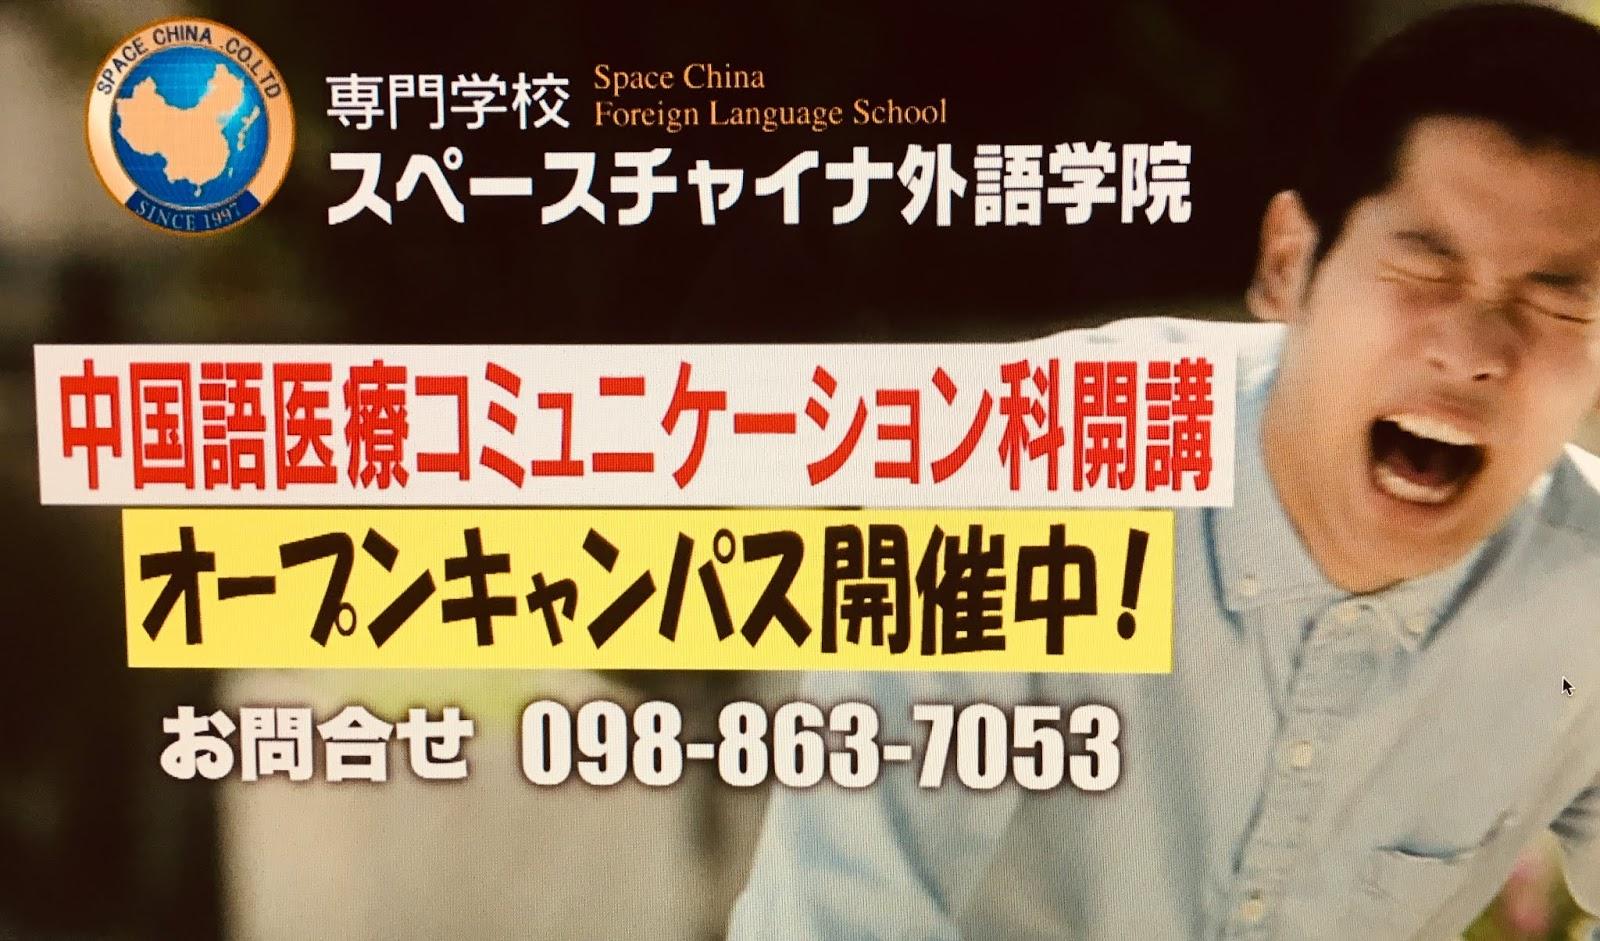 沖縄 テレビCM スペースチャイナ外語学院